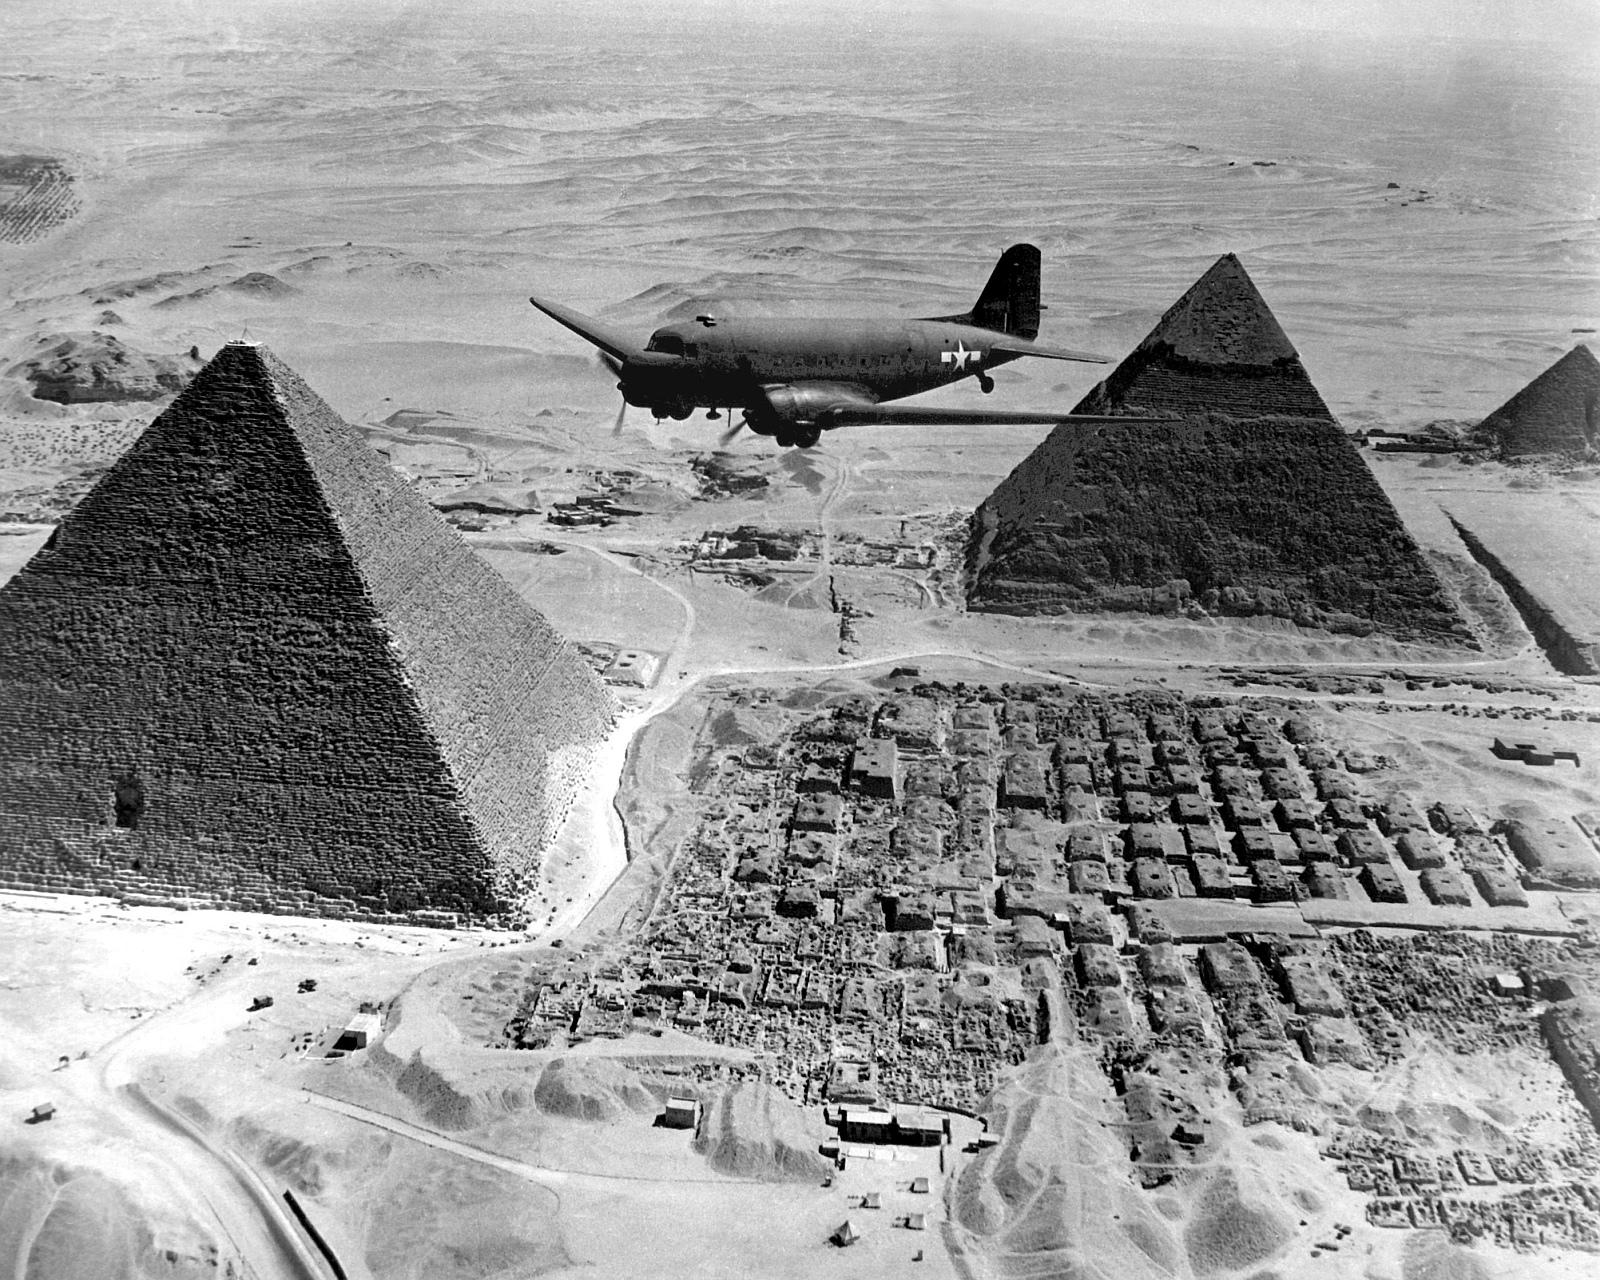 أهرام مصر.. Gpw-20040823-UnitedStates-DefenseVisualInformationCenter-HD-SN-99-02674-Air-Transport-Command-airplane-flies-over-The-Pyramids-during-World-War-II-Egypt-1943-medium